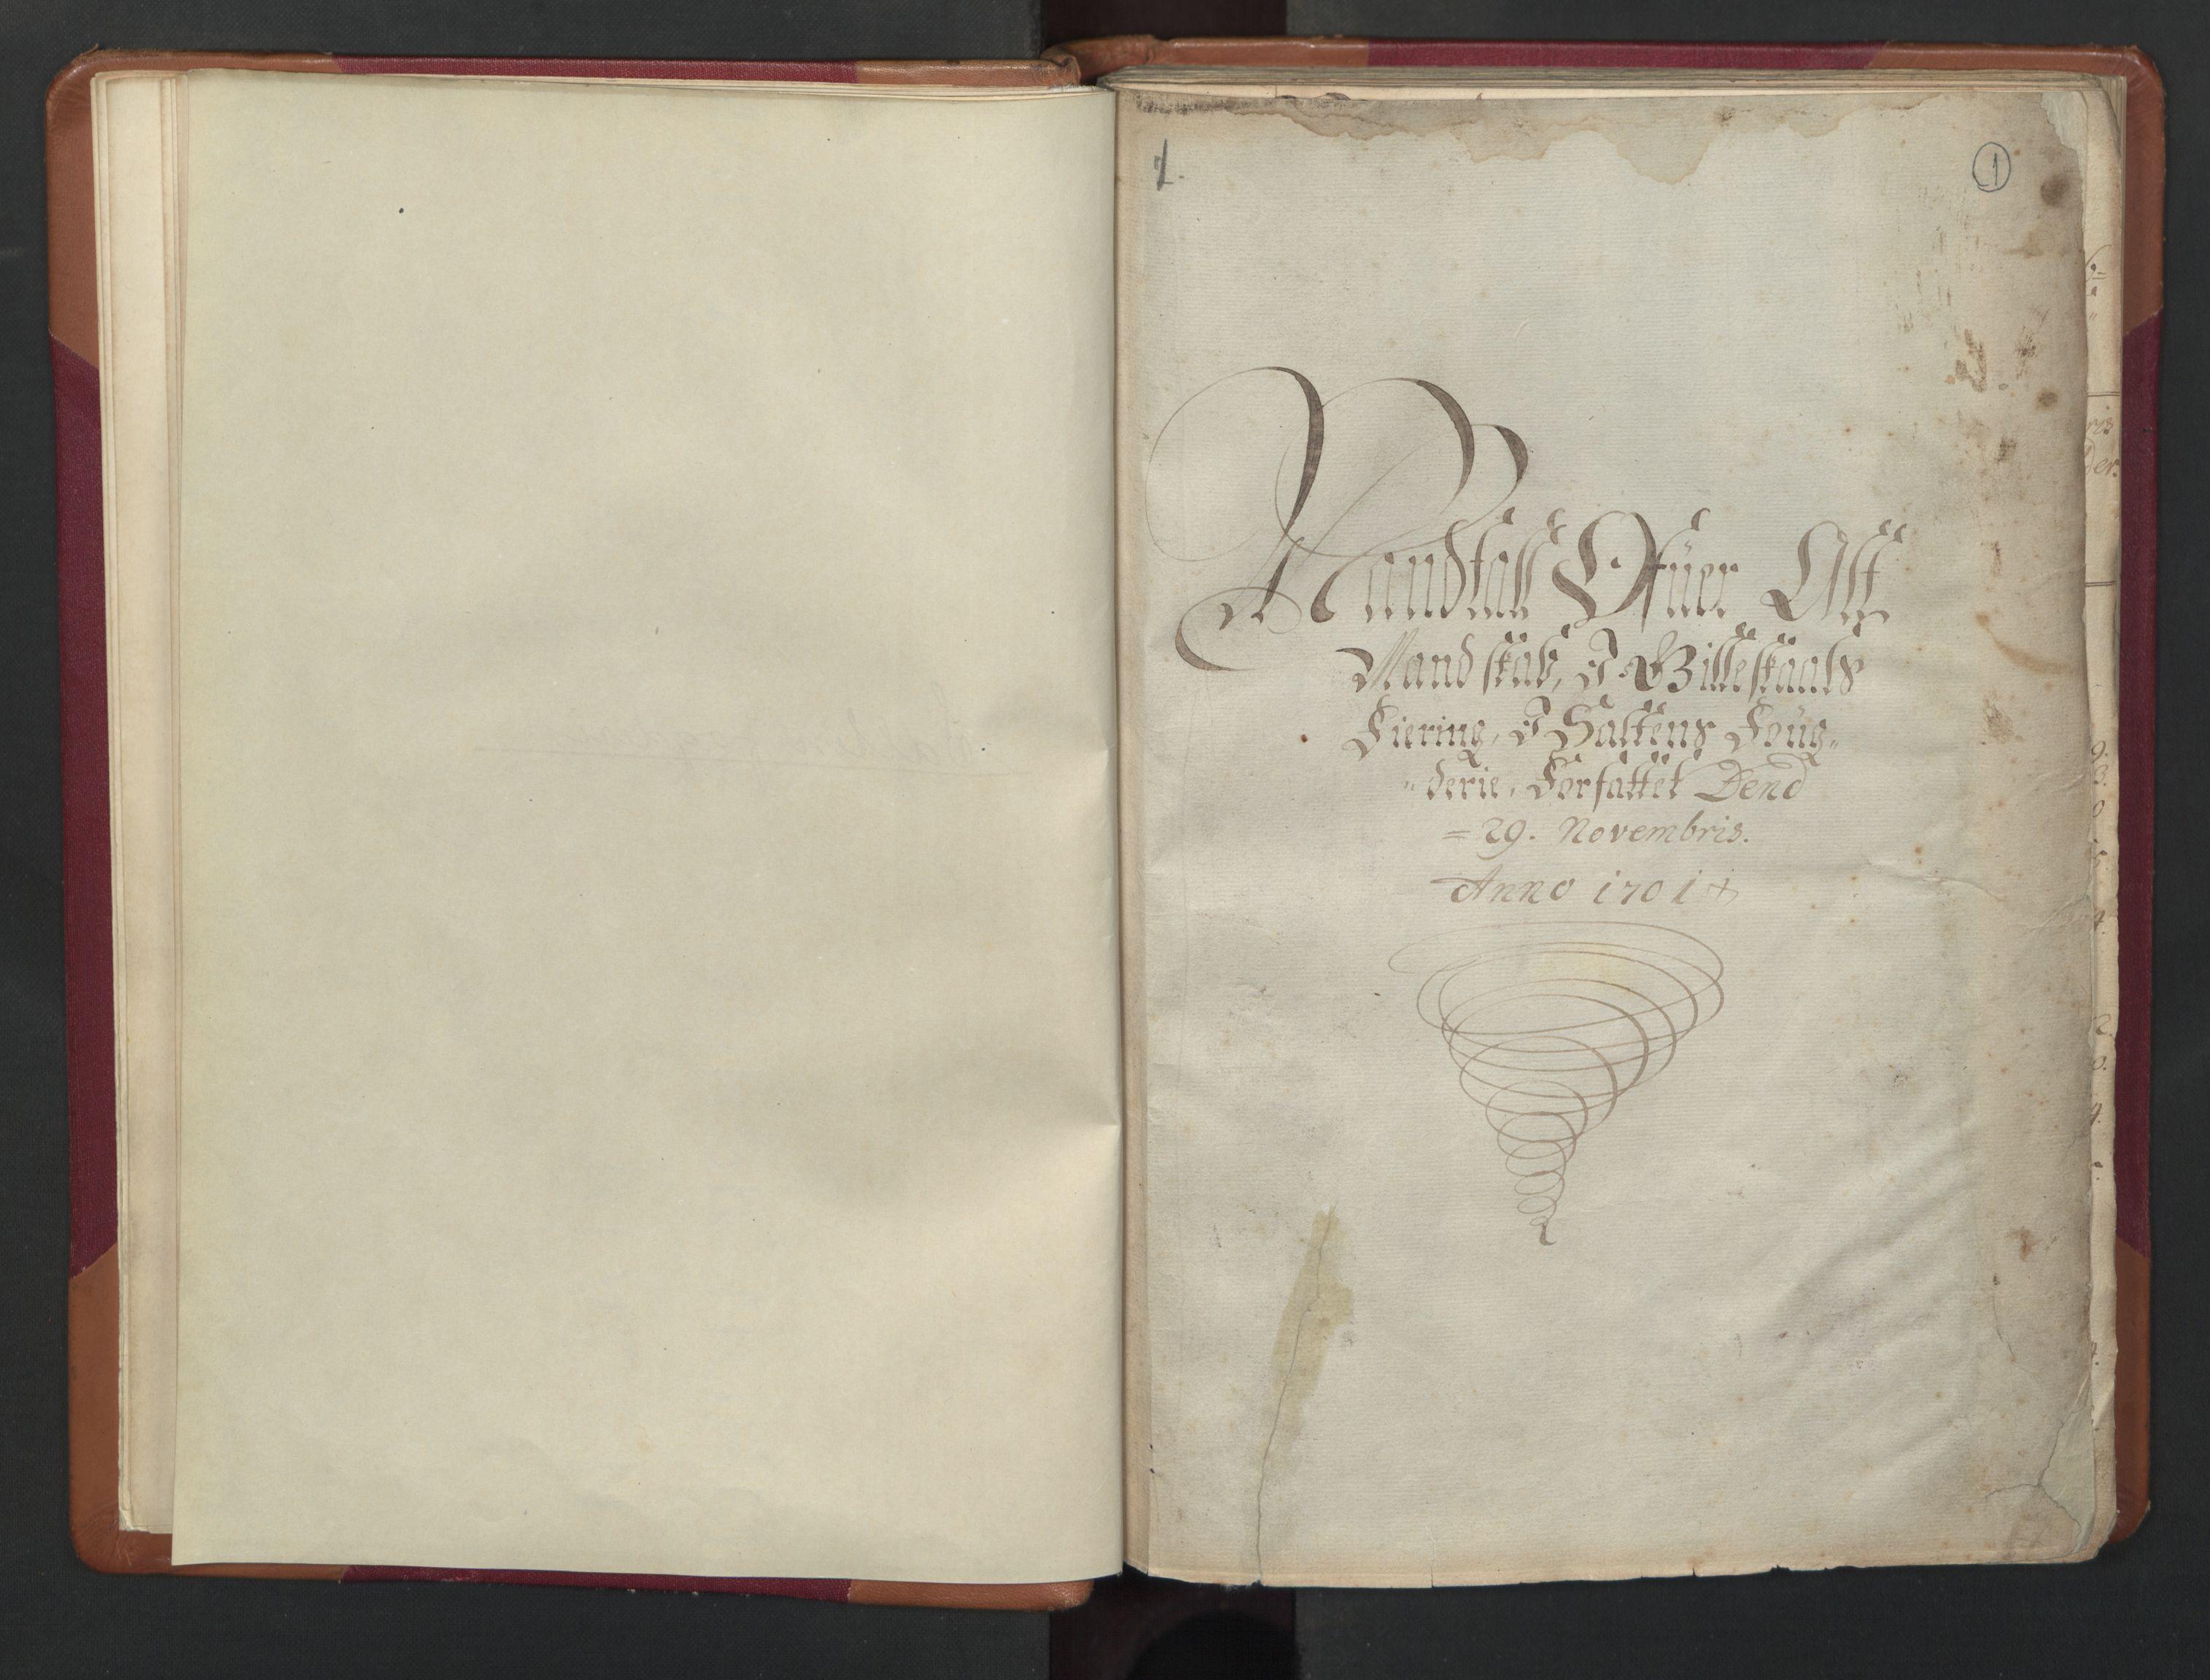 RA, Census (manntall) 1701, no. 17: Salten fogderi, 1701, p. 1